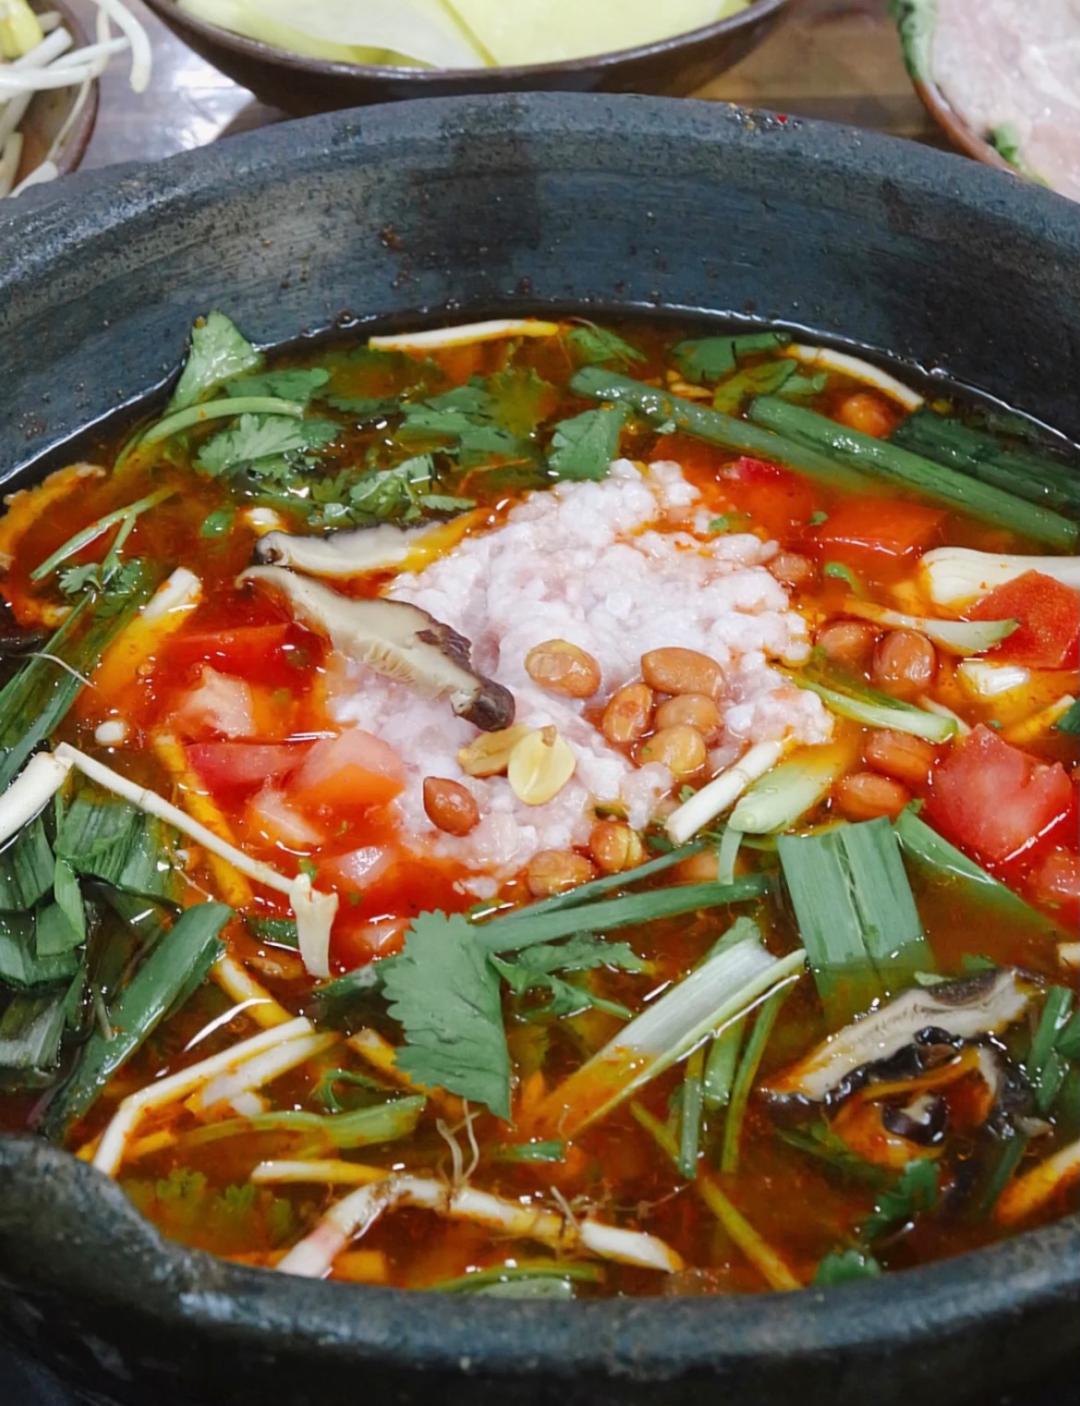 高铁29min 找到贵州最好吃的小吃王国